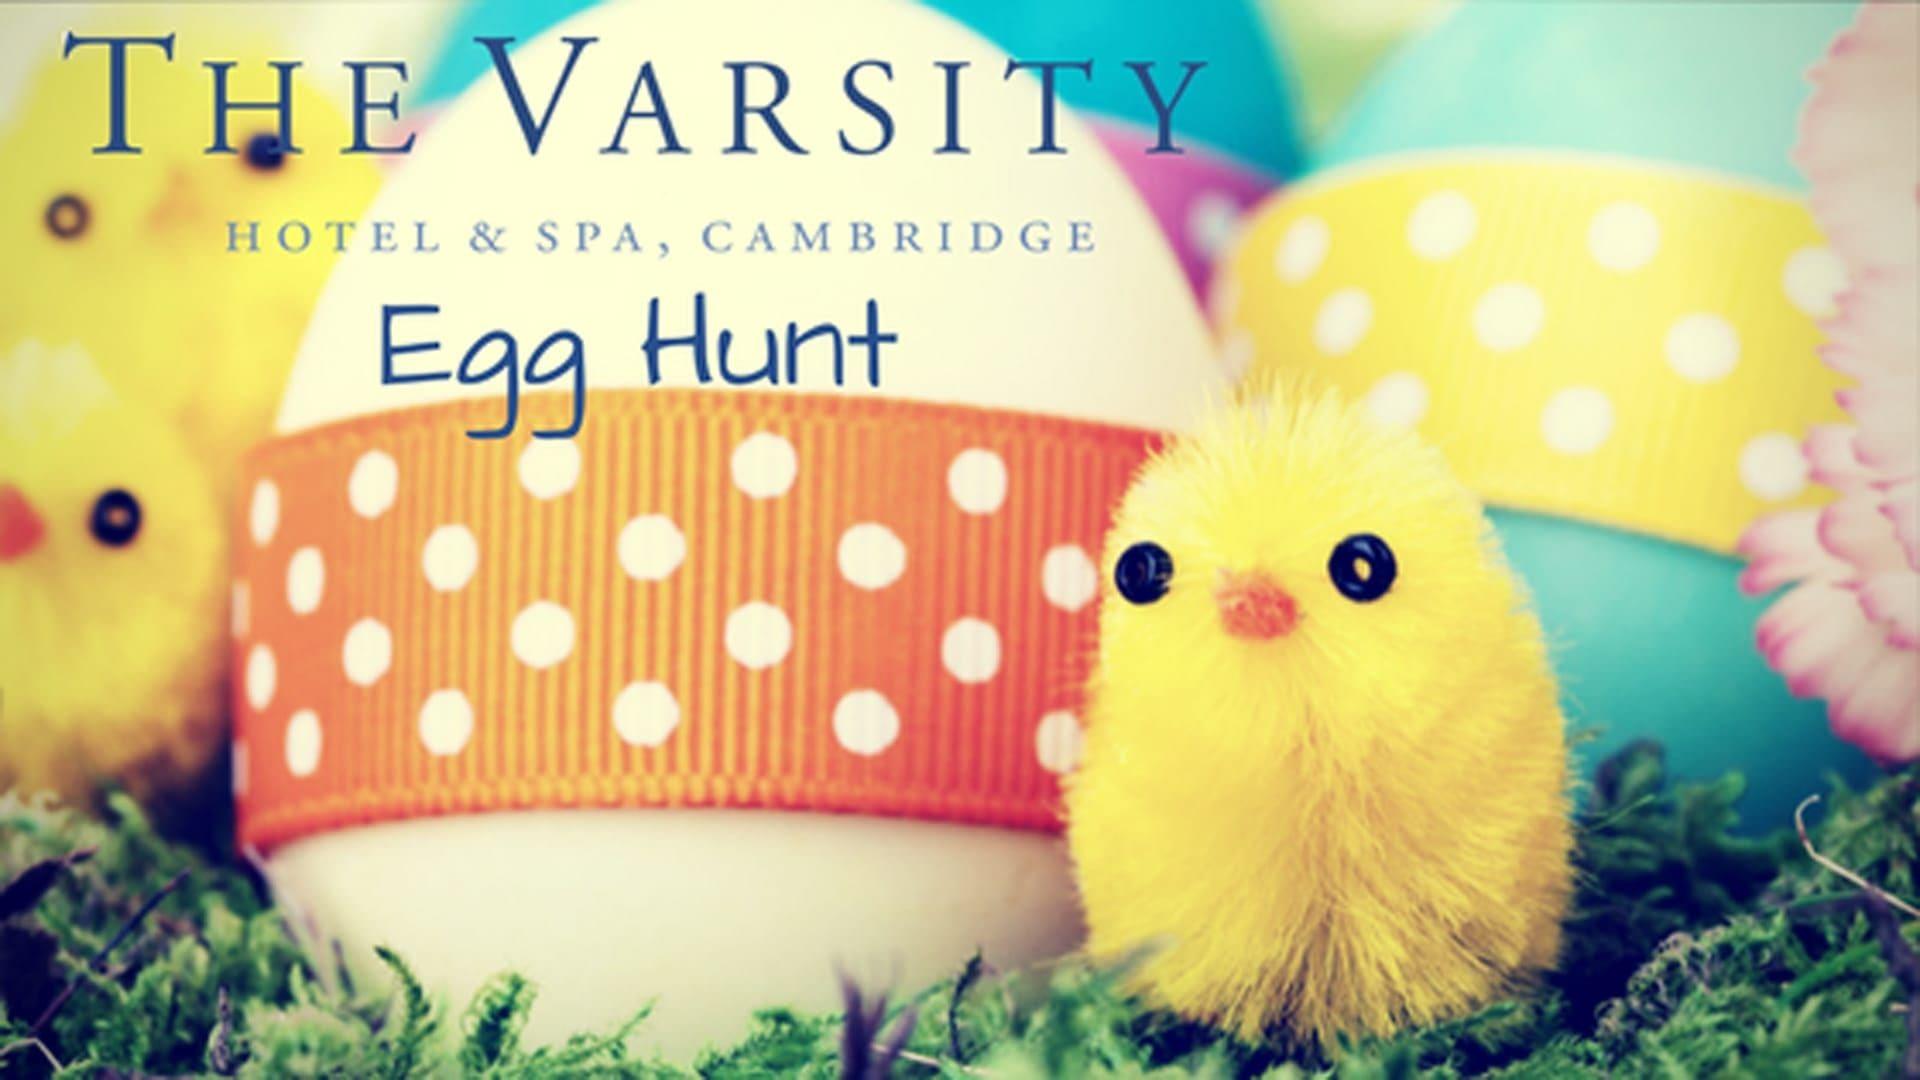 Easter egg hunt The Varsity Cambridge